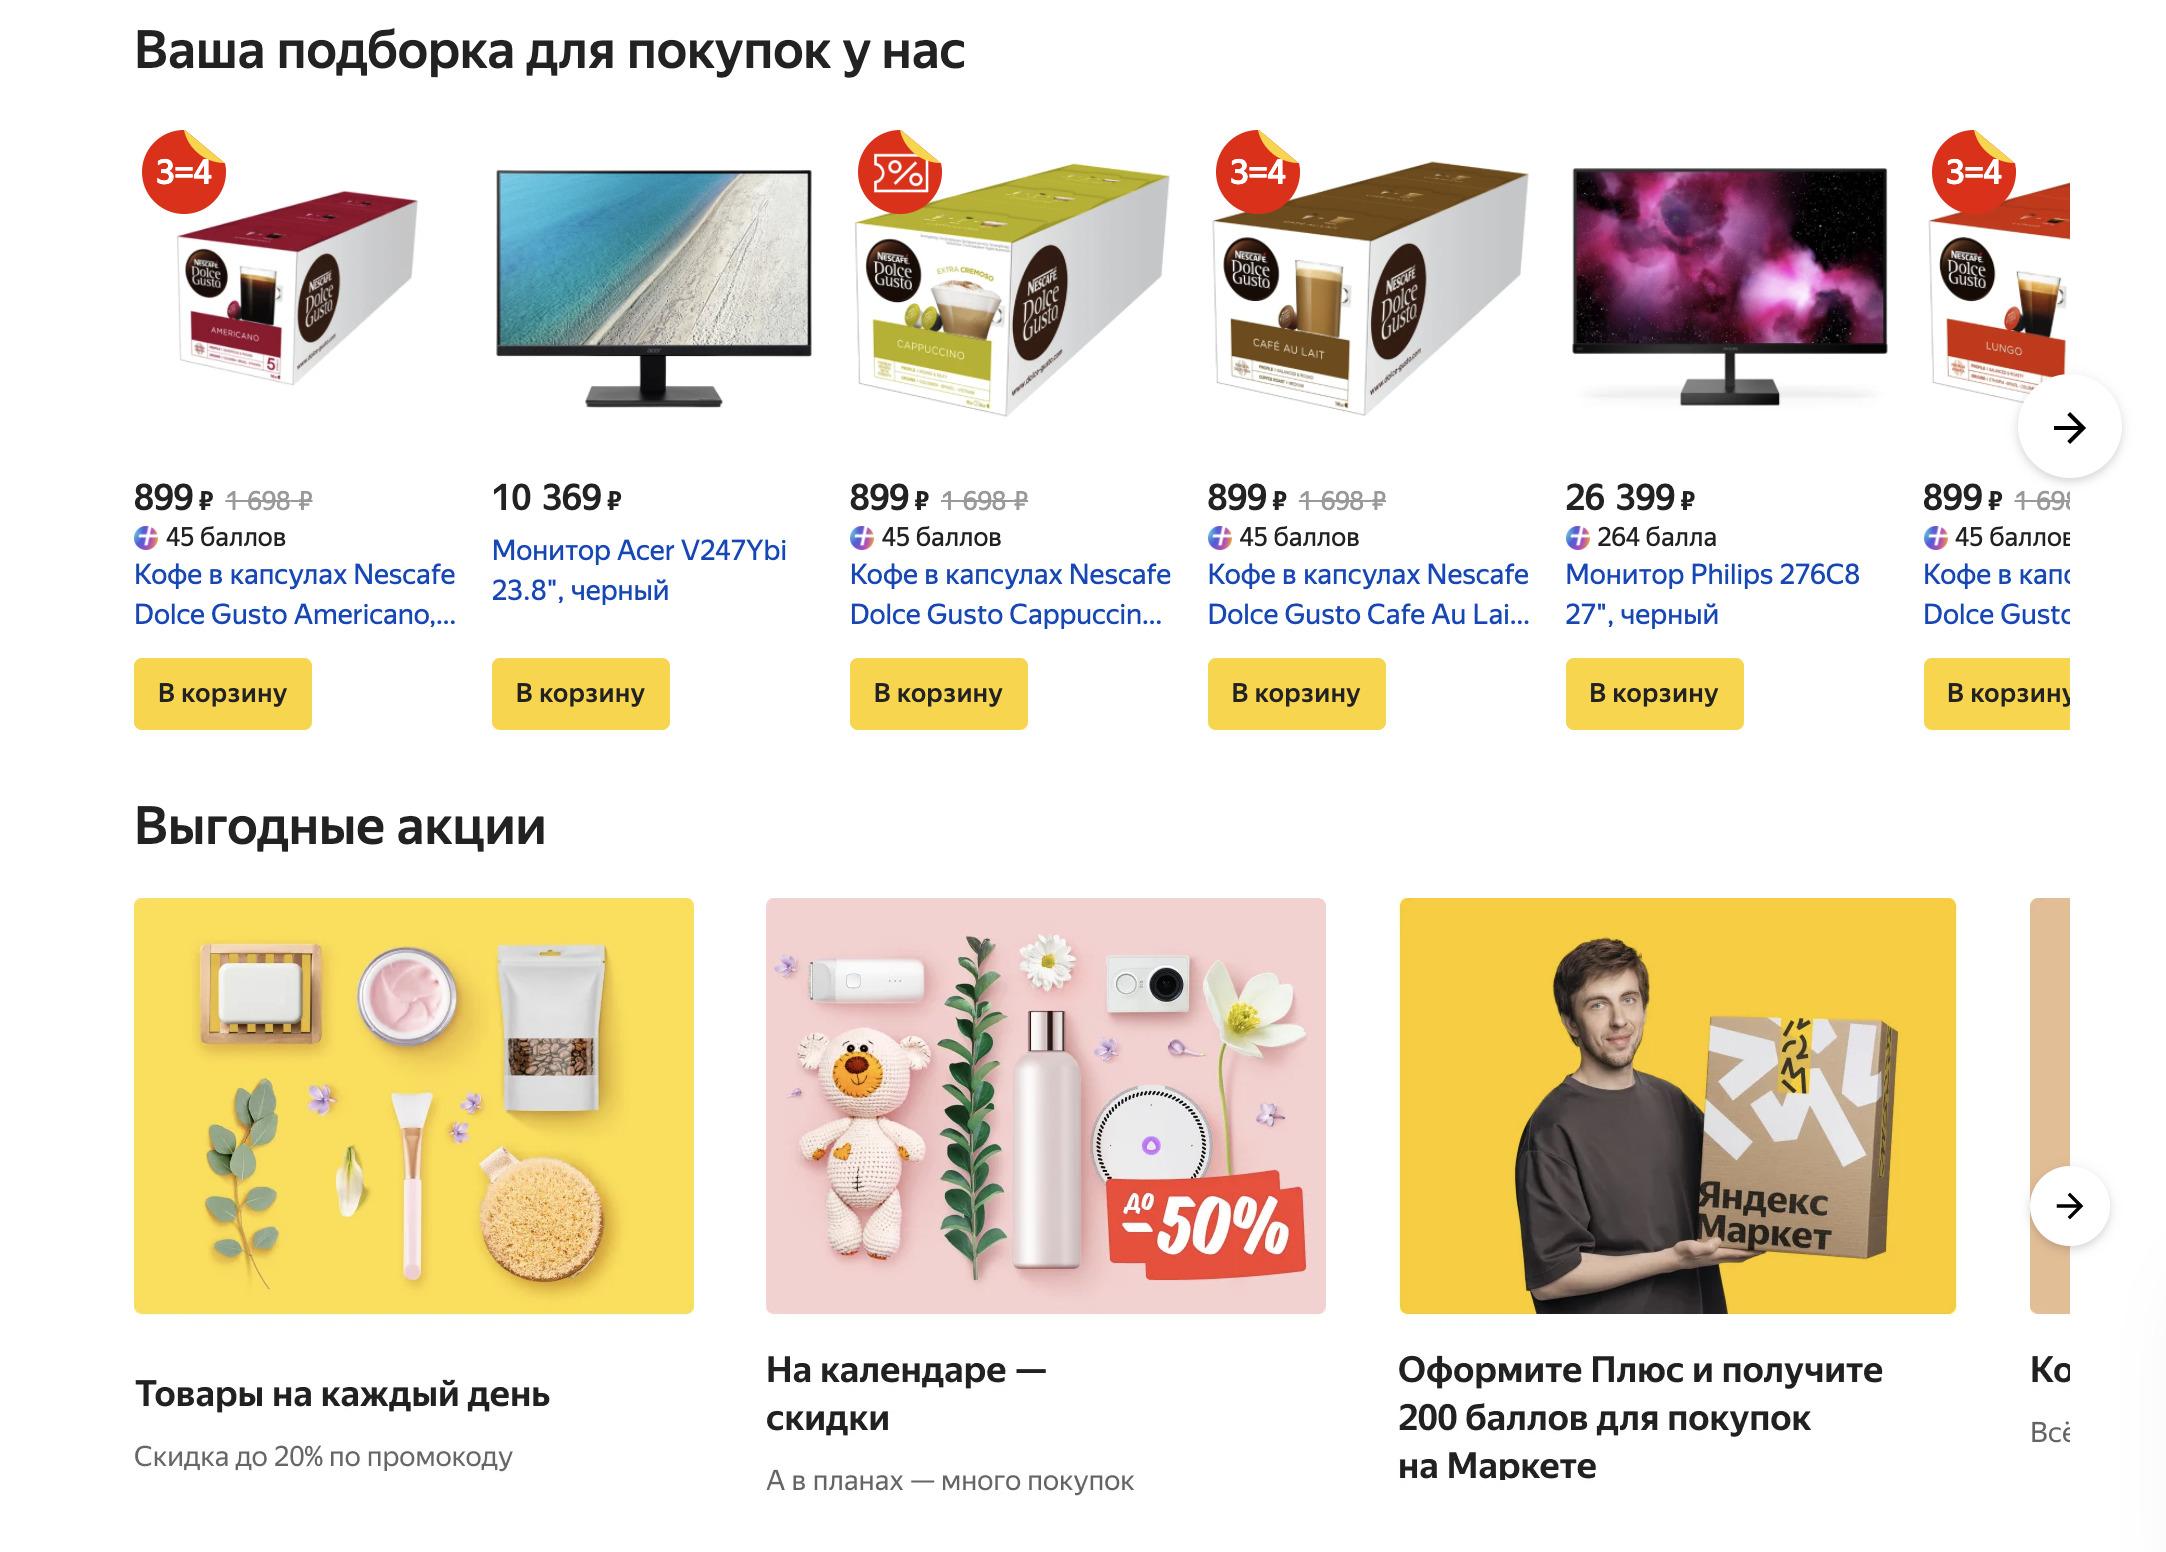 Доставка из Яндекс.Маркет в Кызыл, сроки, пункты выдачи, каталог